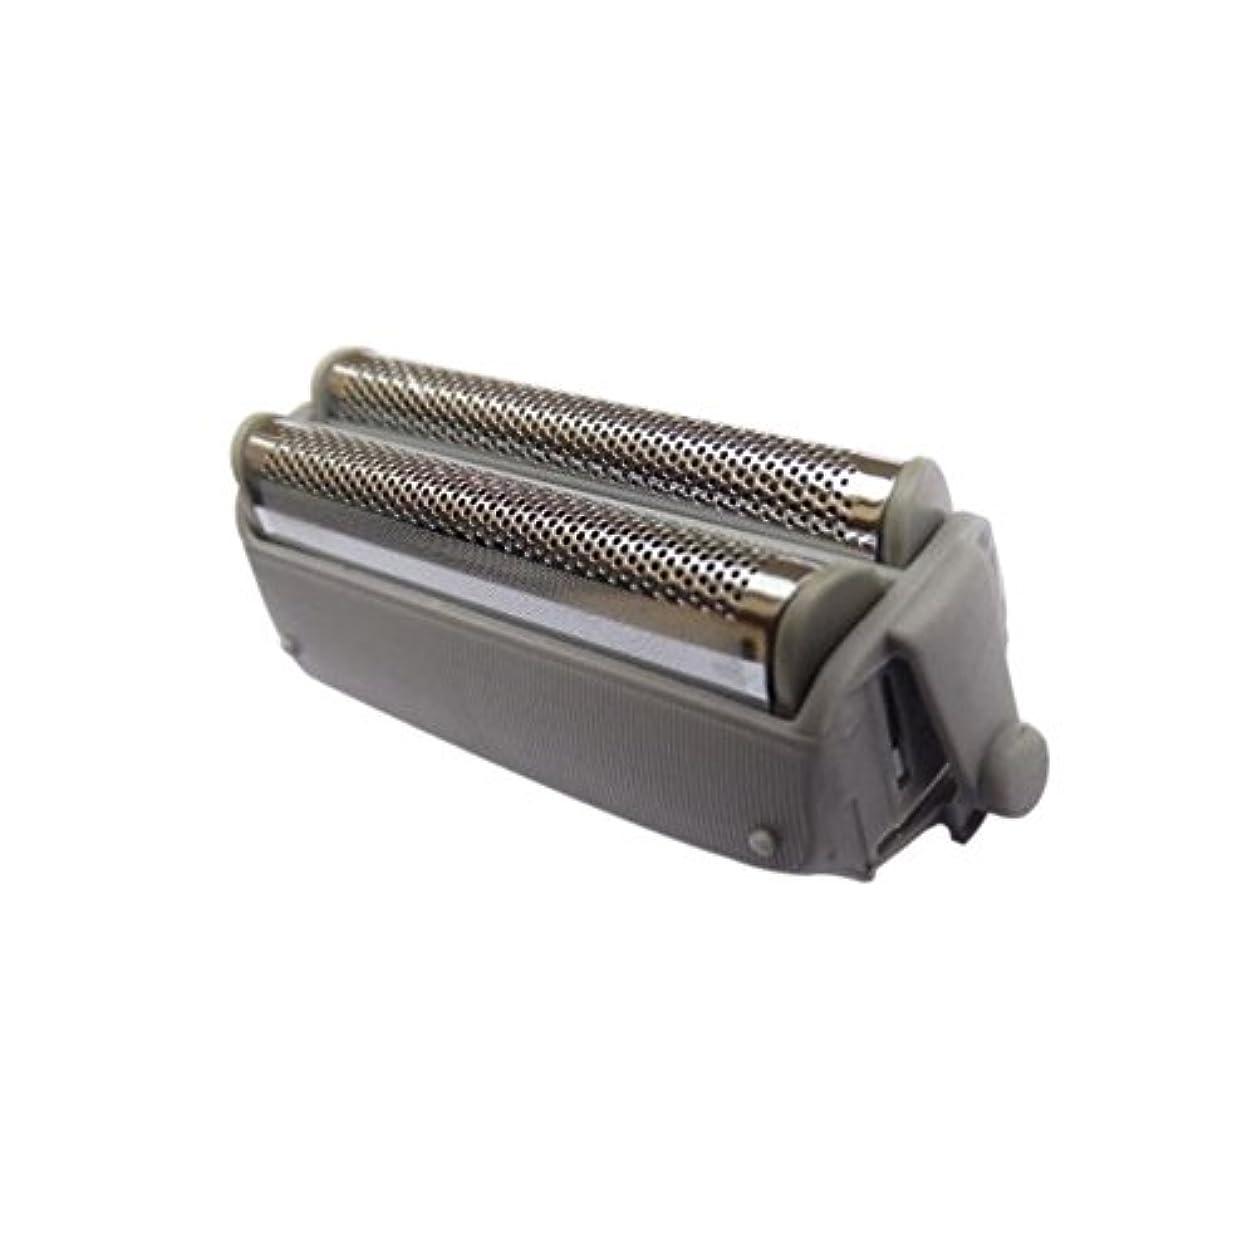 傑出した時々ストッキングHZjundasi Replacement Outer ホイル for Panasonic ES4035/RW30 ES9859